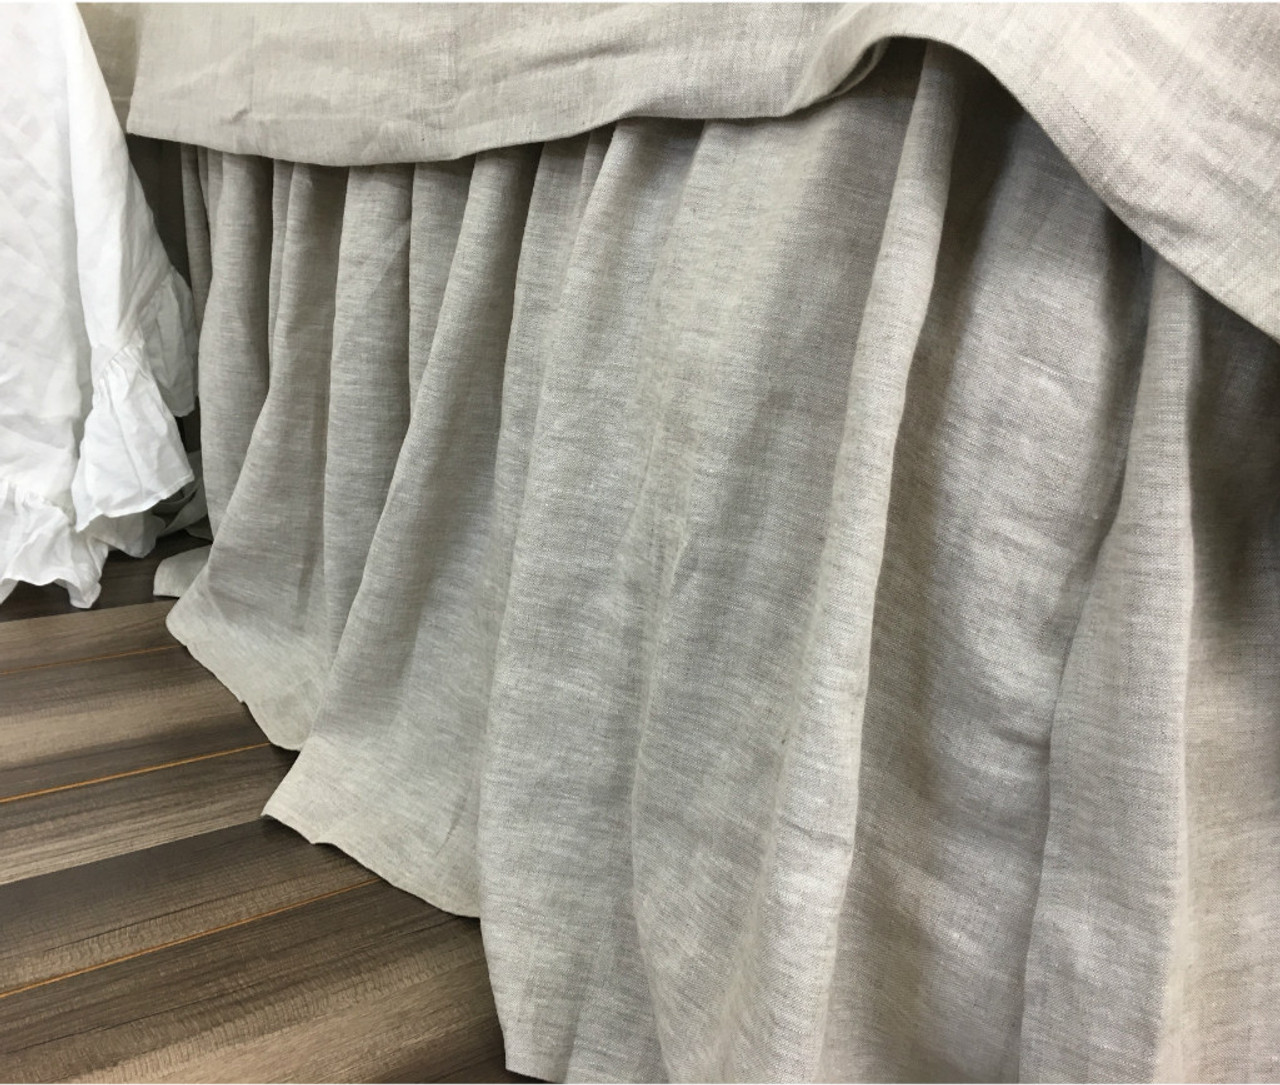 Natural Linen Bed Skirt Medium Weight